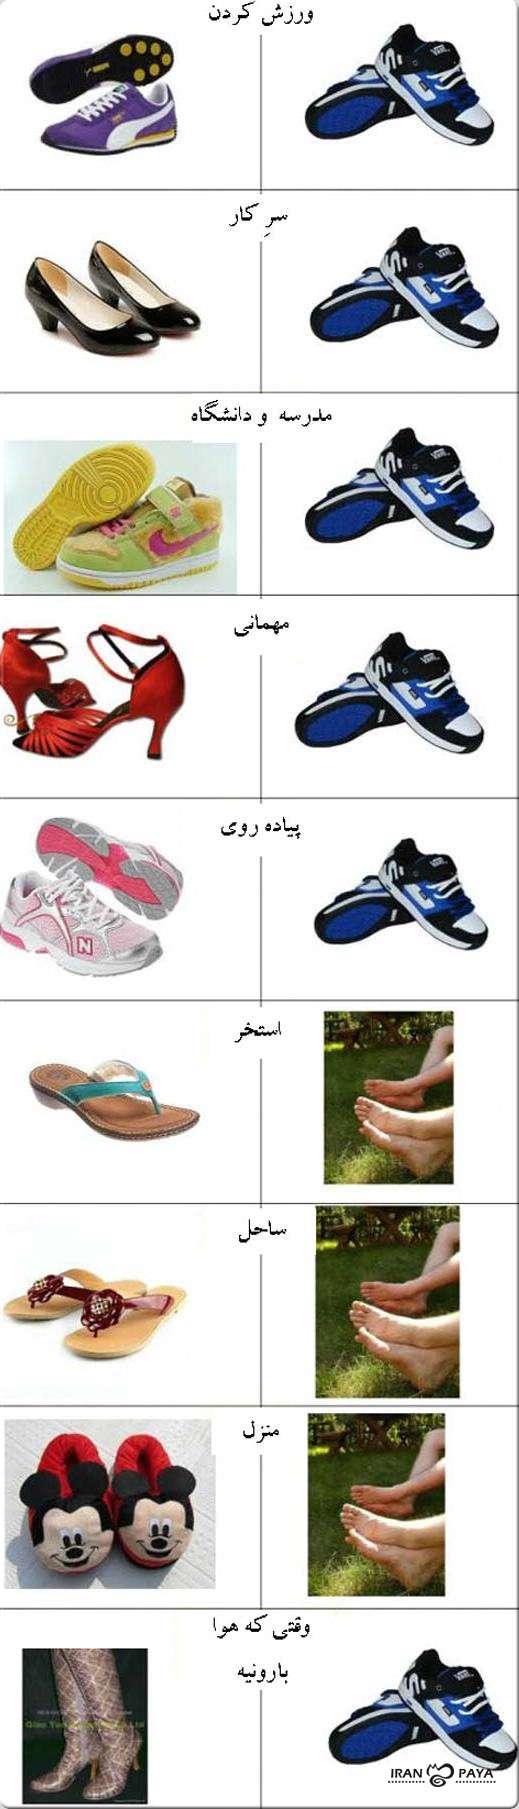 کفش دخترها و پسرها در موقعیتهای مختلف...